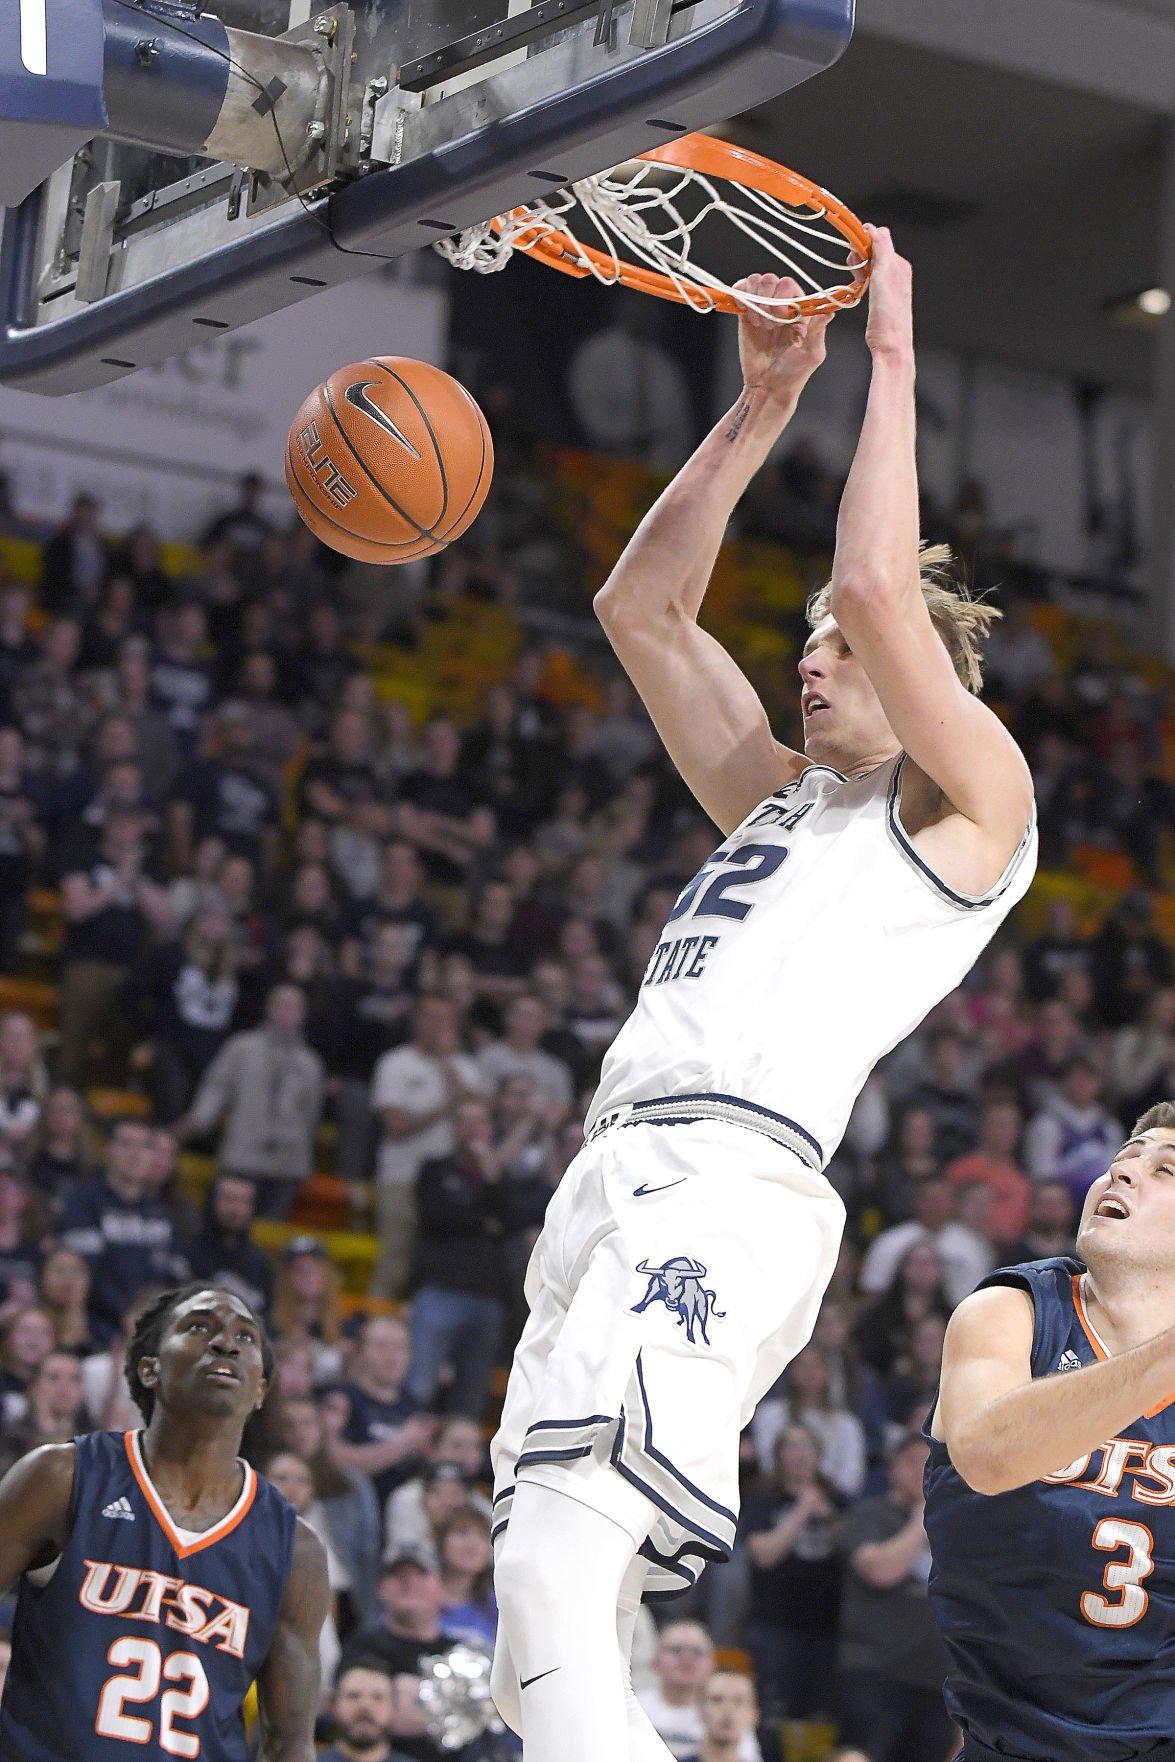 UTSA Utah St Basketball SECONDARY